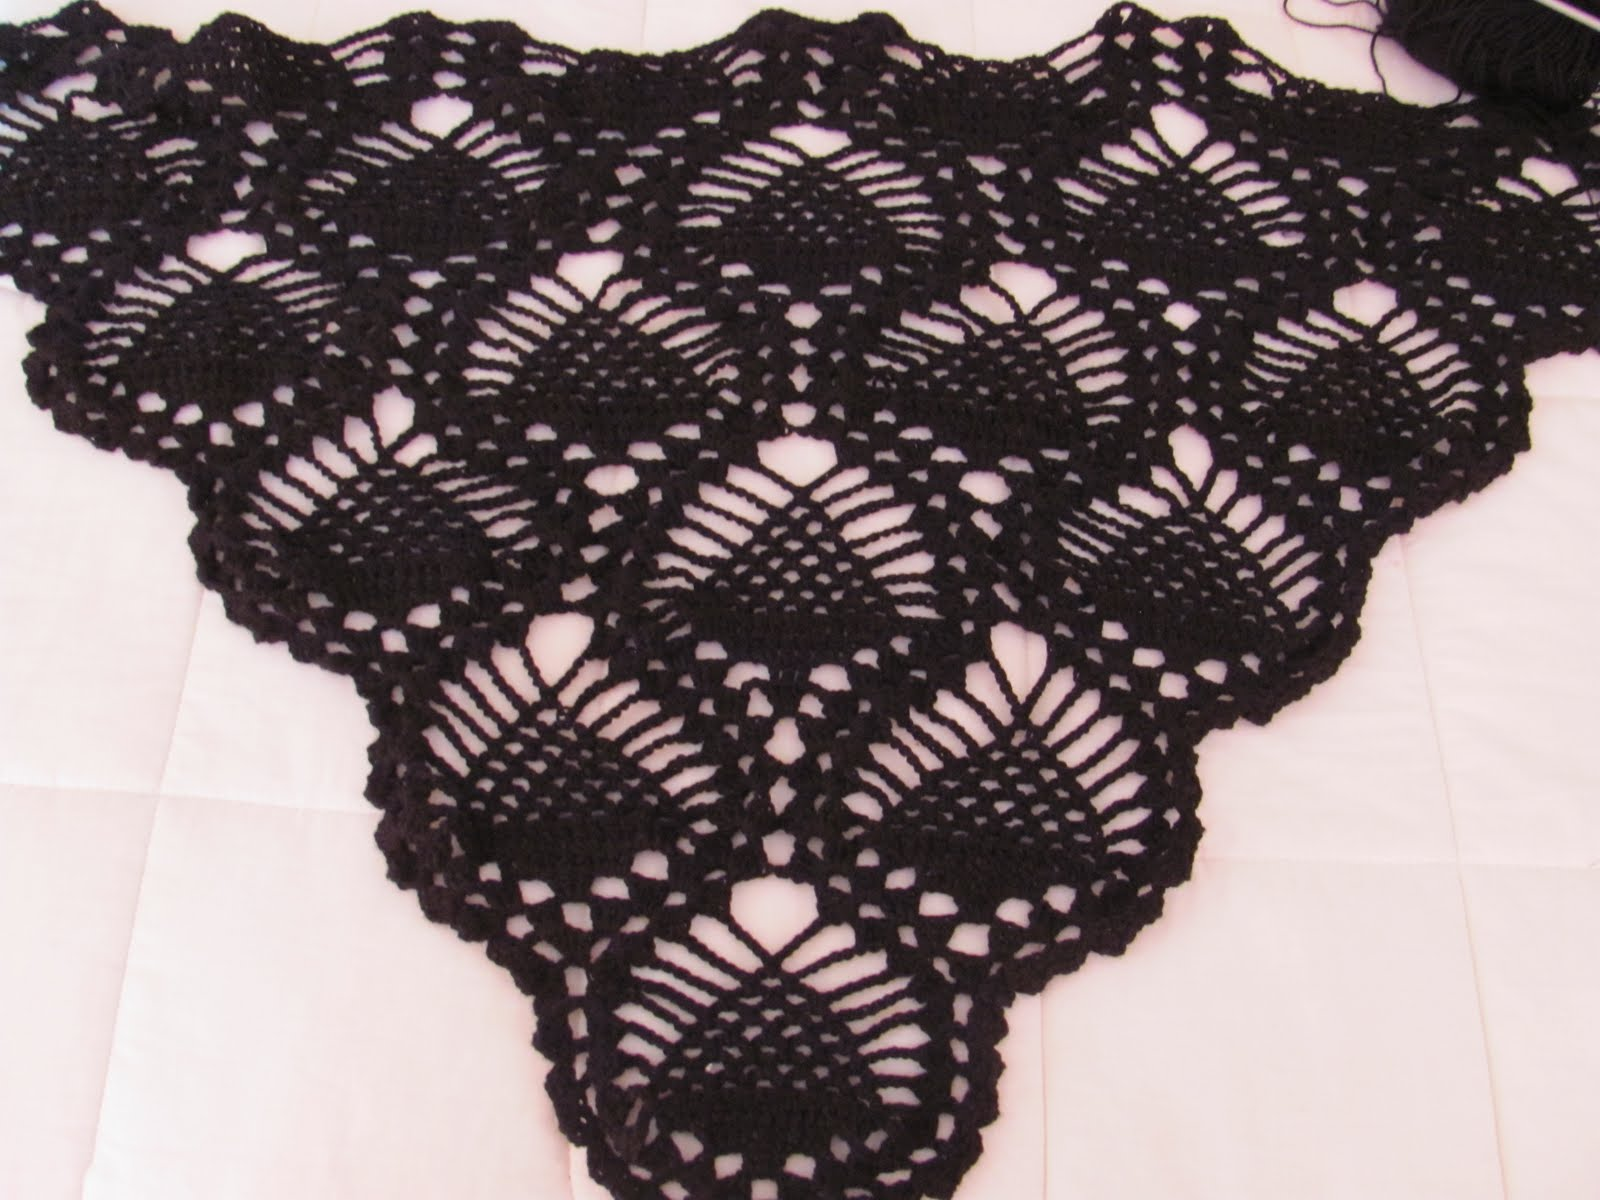 Amigas  O Les Prometi Aca Va El Chal Tejido A Crochet De Color Negro